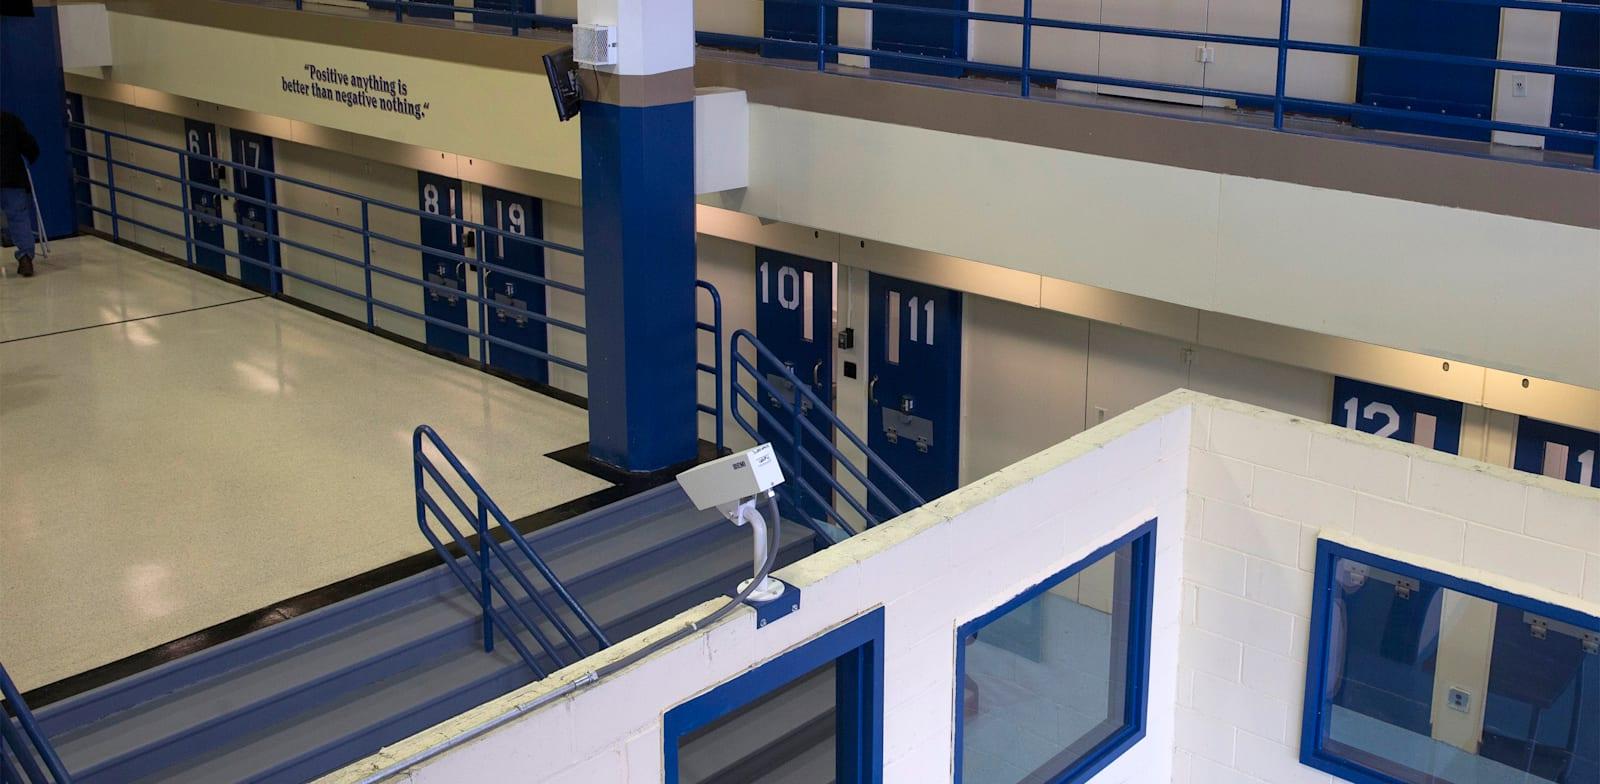 תאים בבית הכלא רייקרס איילנד בניו יורק / צילום: Reuters, Brendan McDermid